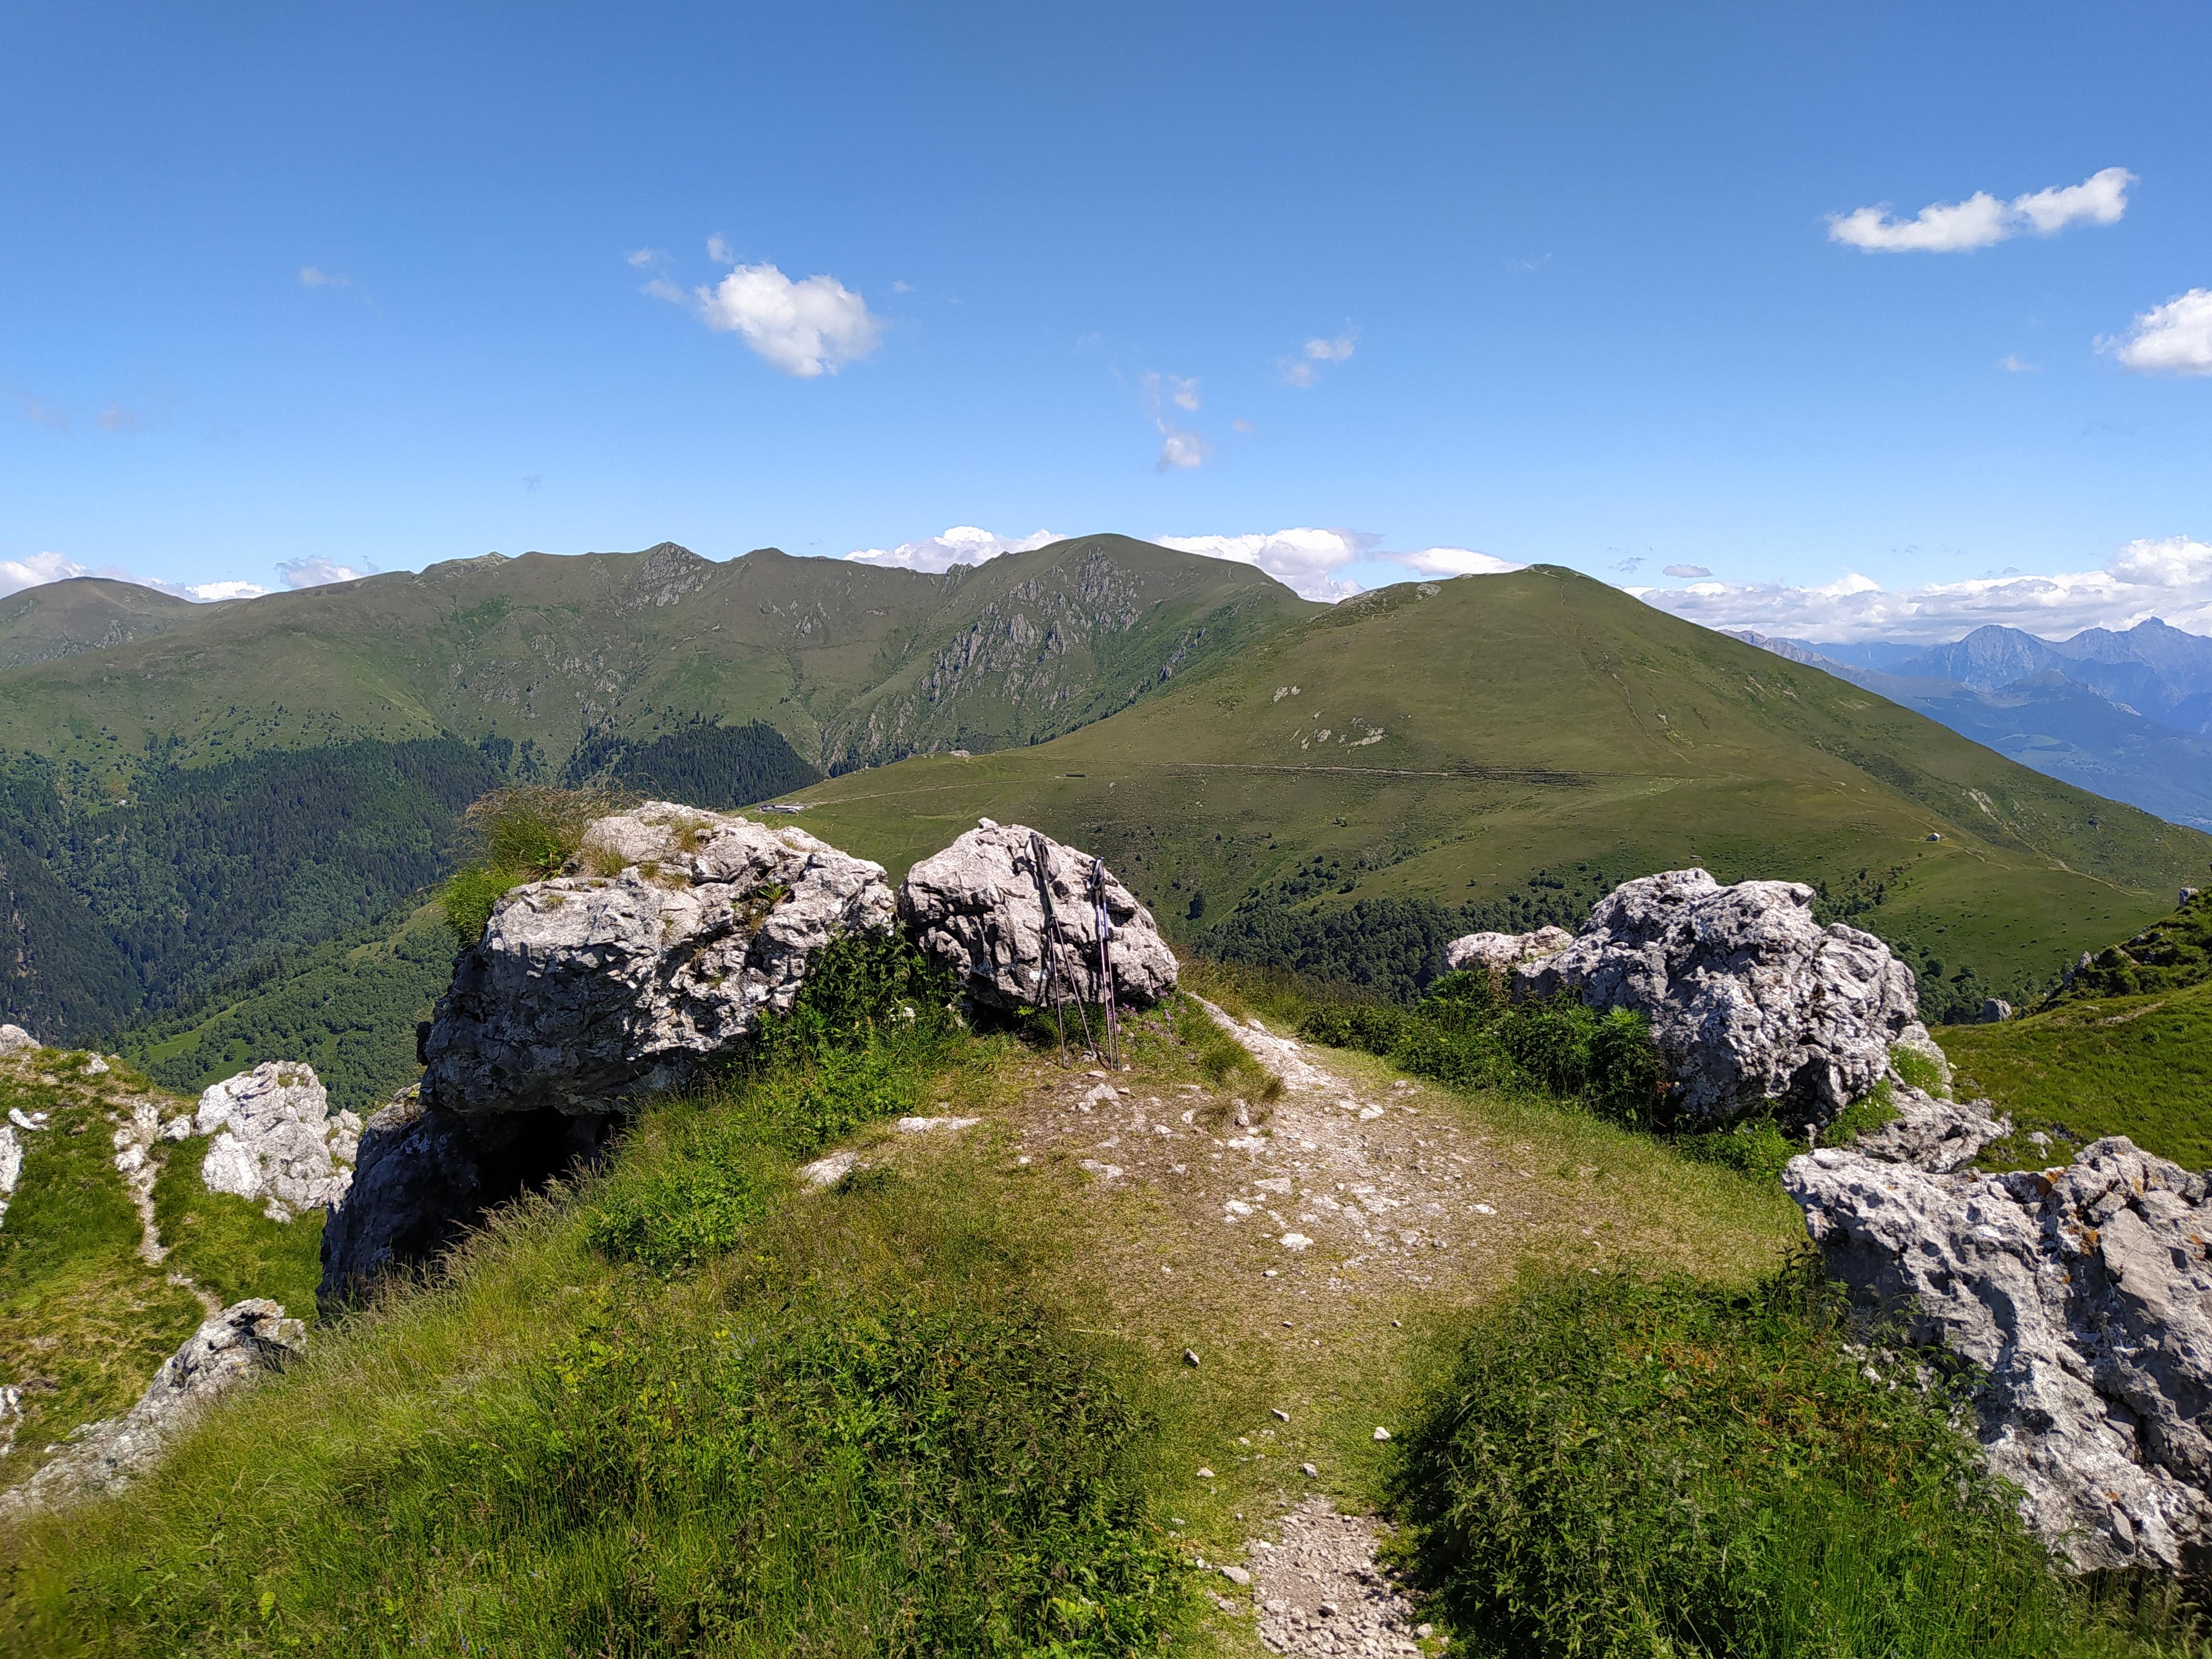 Indicazioni per il riavvio delle attività escursionistiche e cicloescursionistiche sezionali